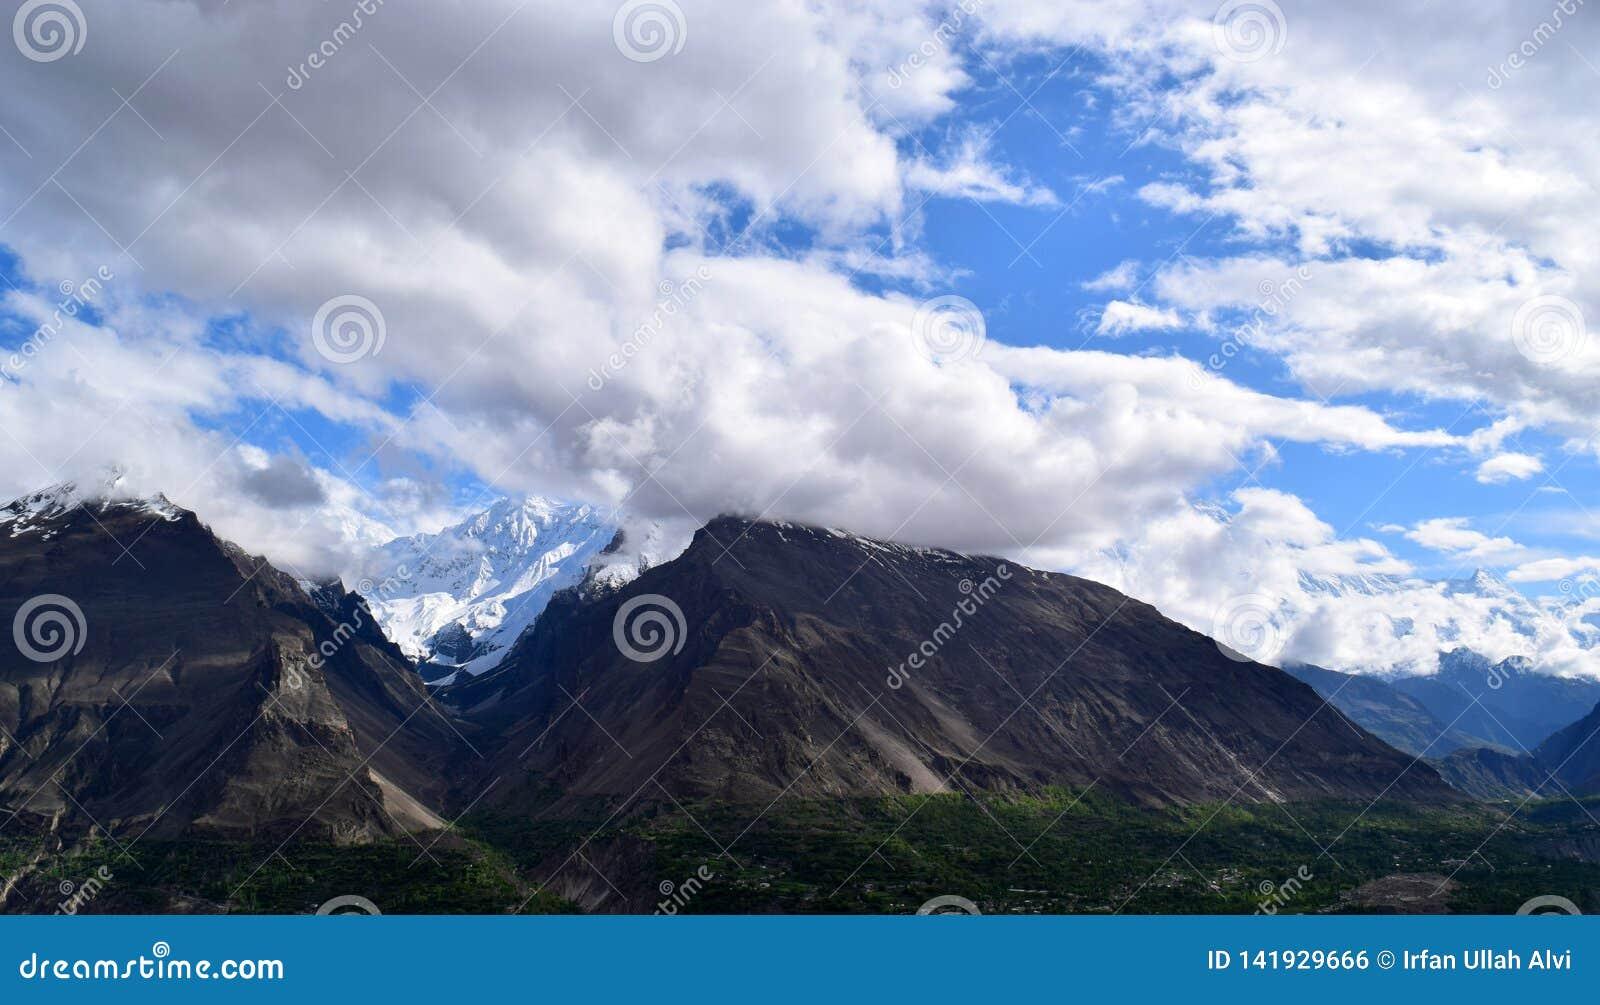 Wolken und die Gebirgswaldlandschaft